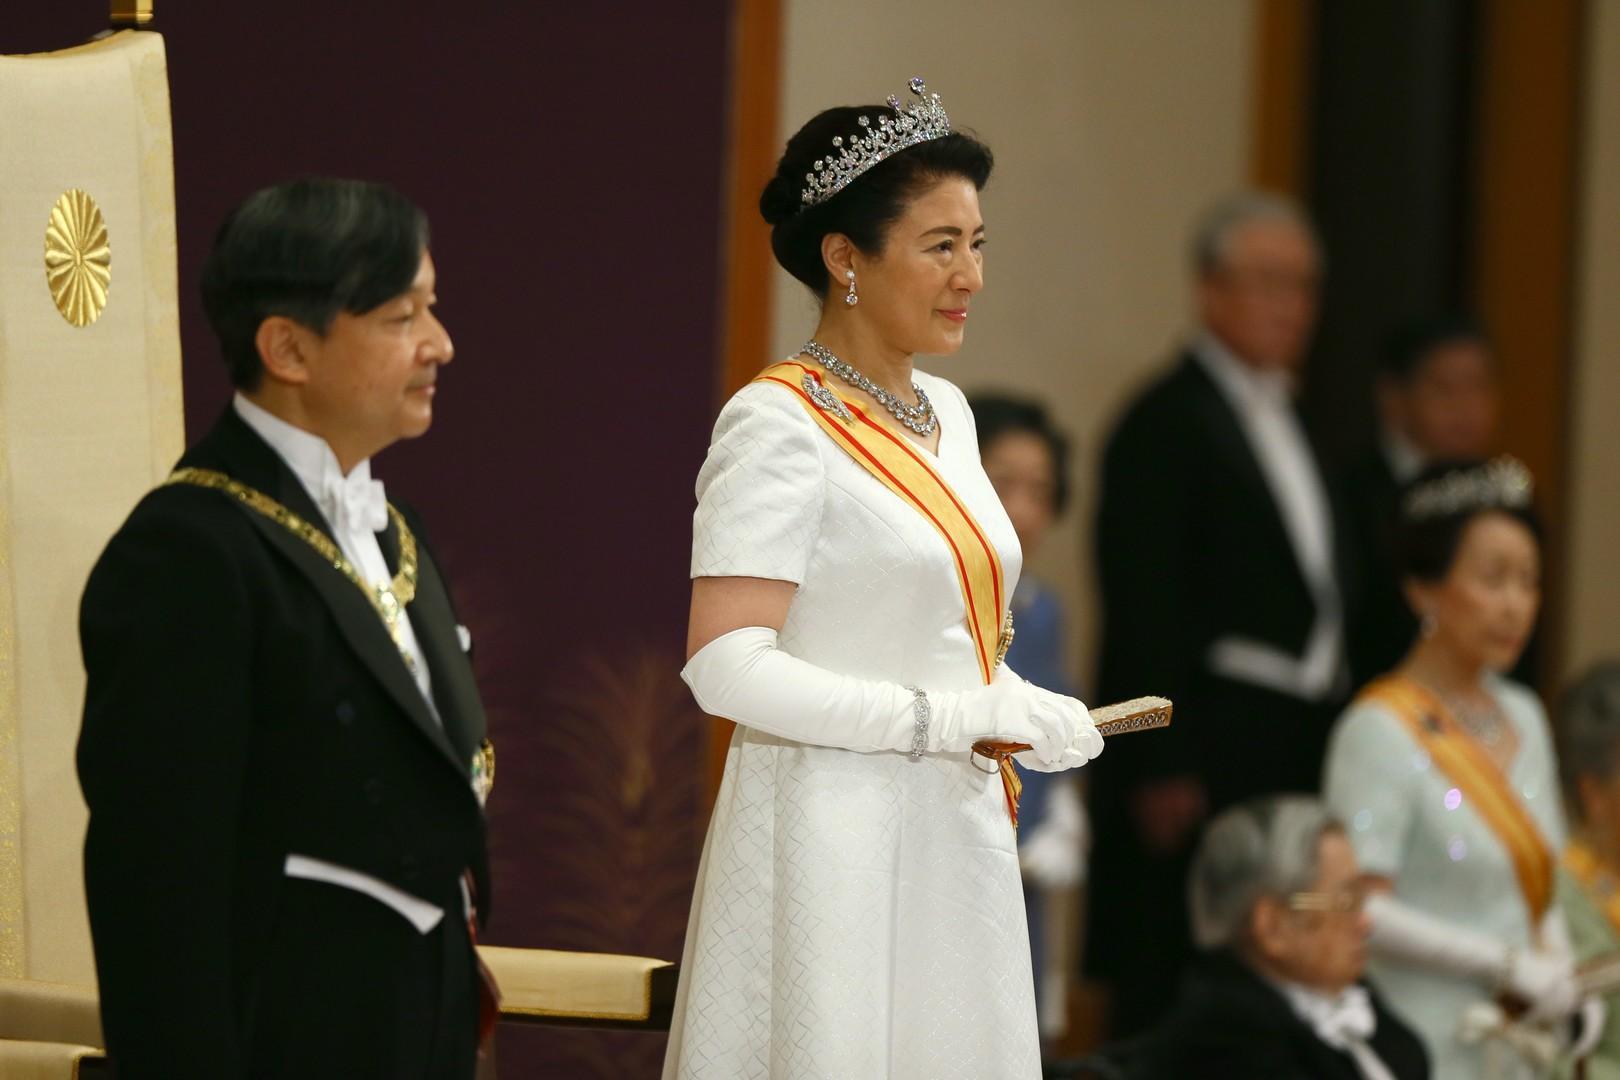 la nouvelle imperatrice masako au cote de naruhito